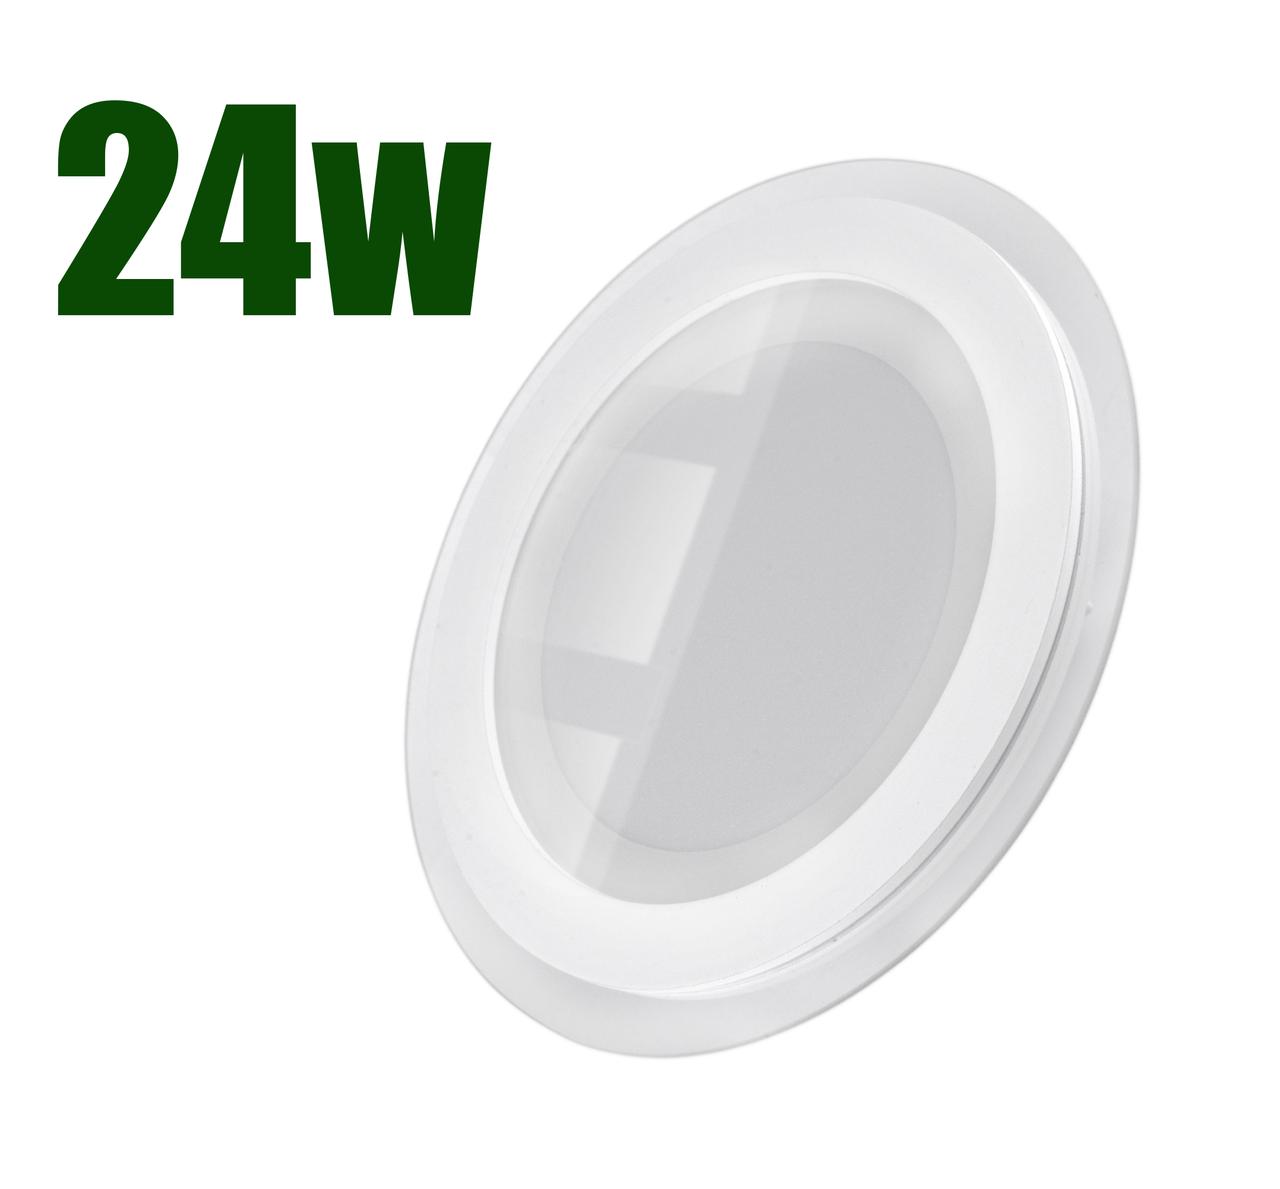 Светильник светодиодный встраиваемый LEDEX 24Вт 6500K 1850lm круг стекло (102963)